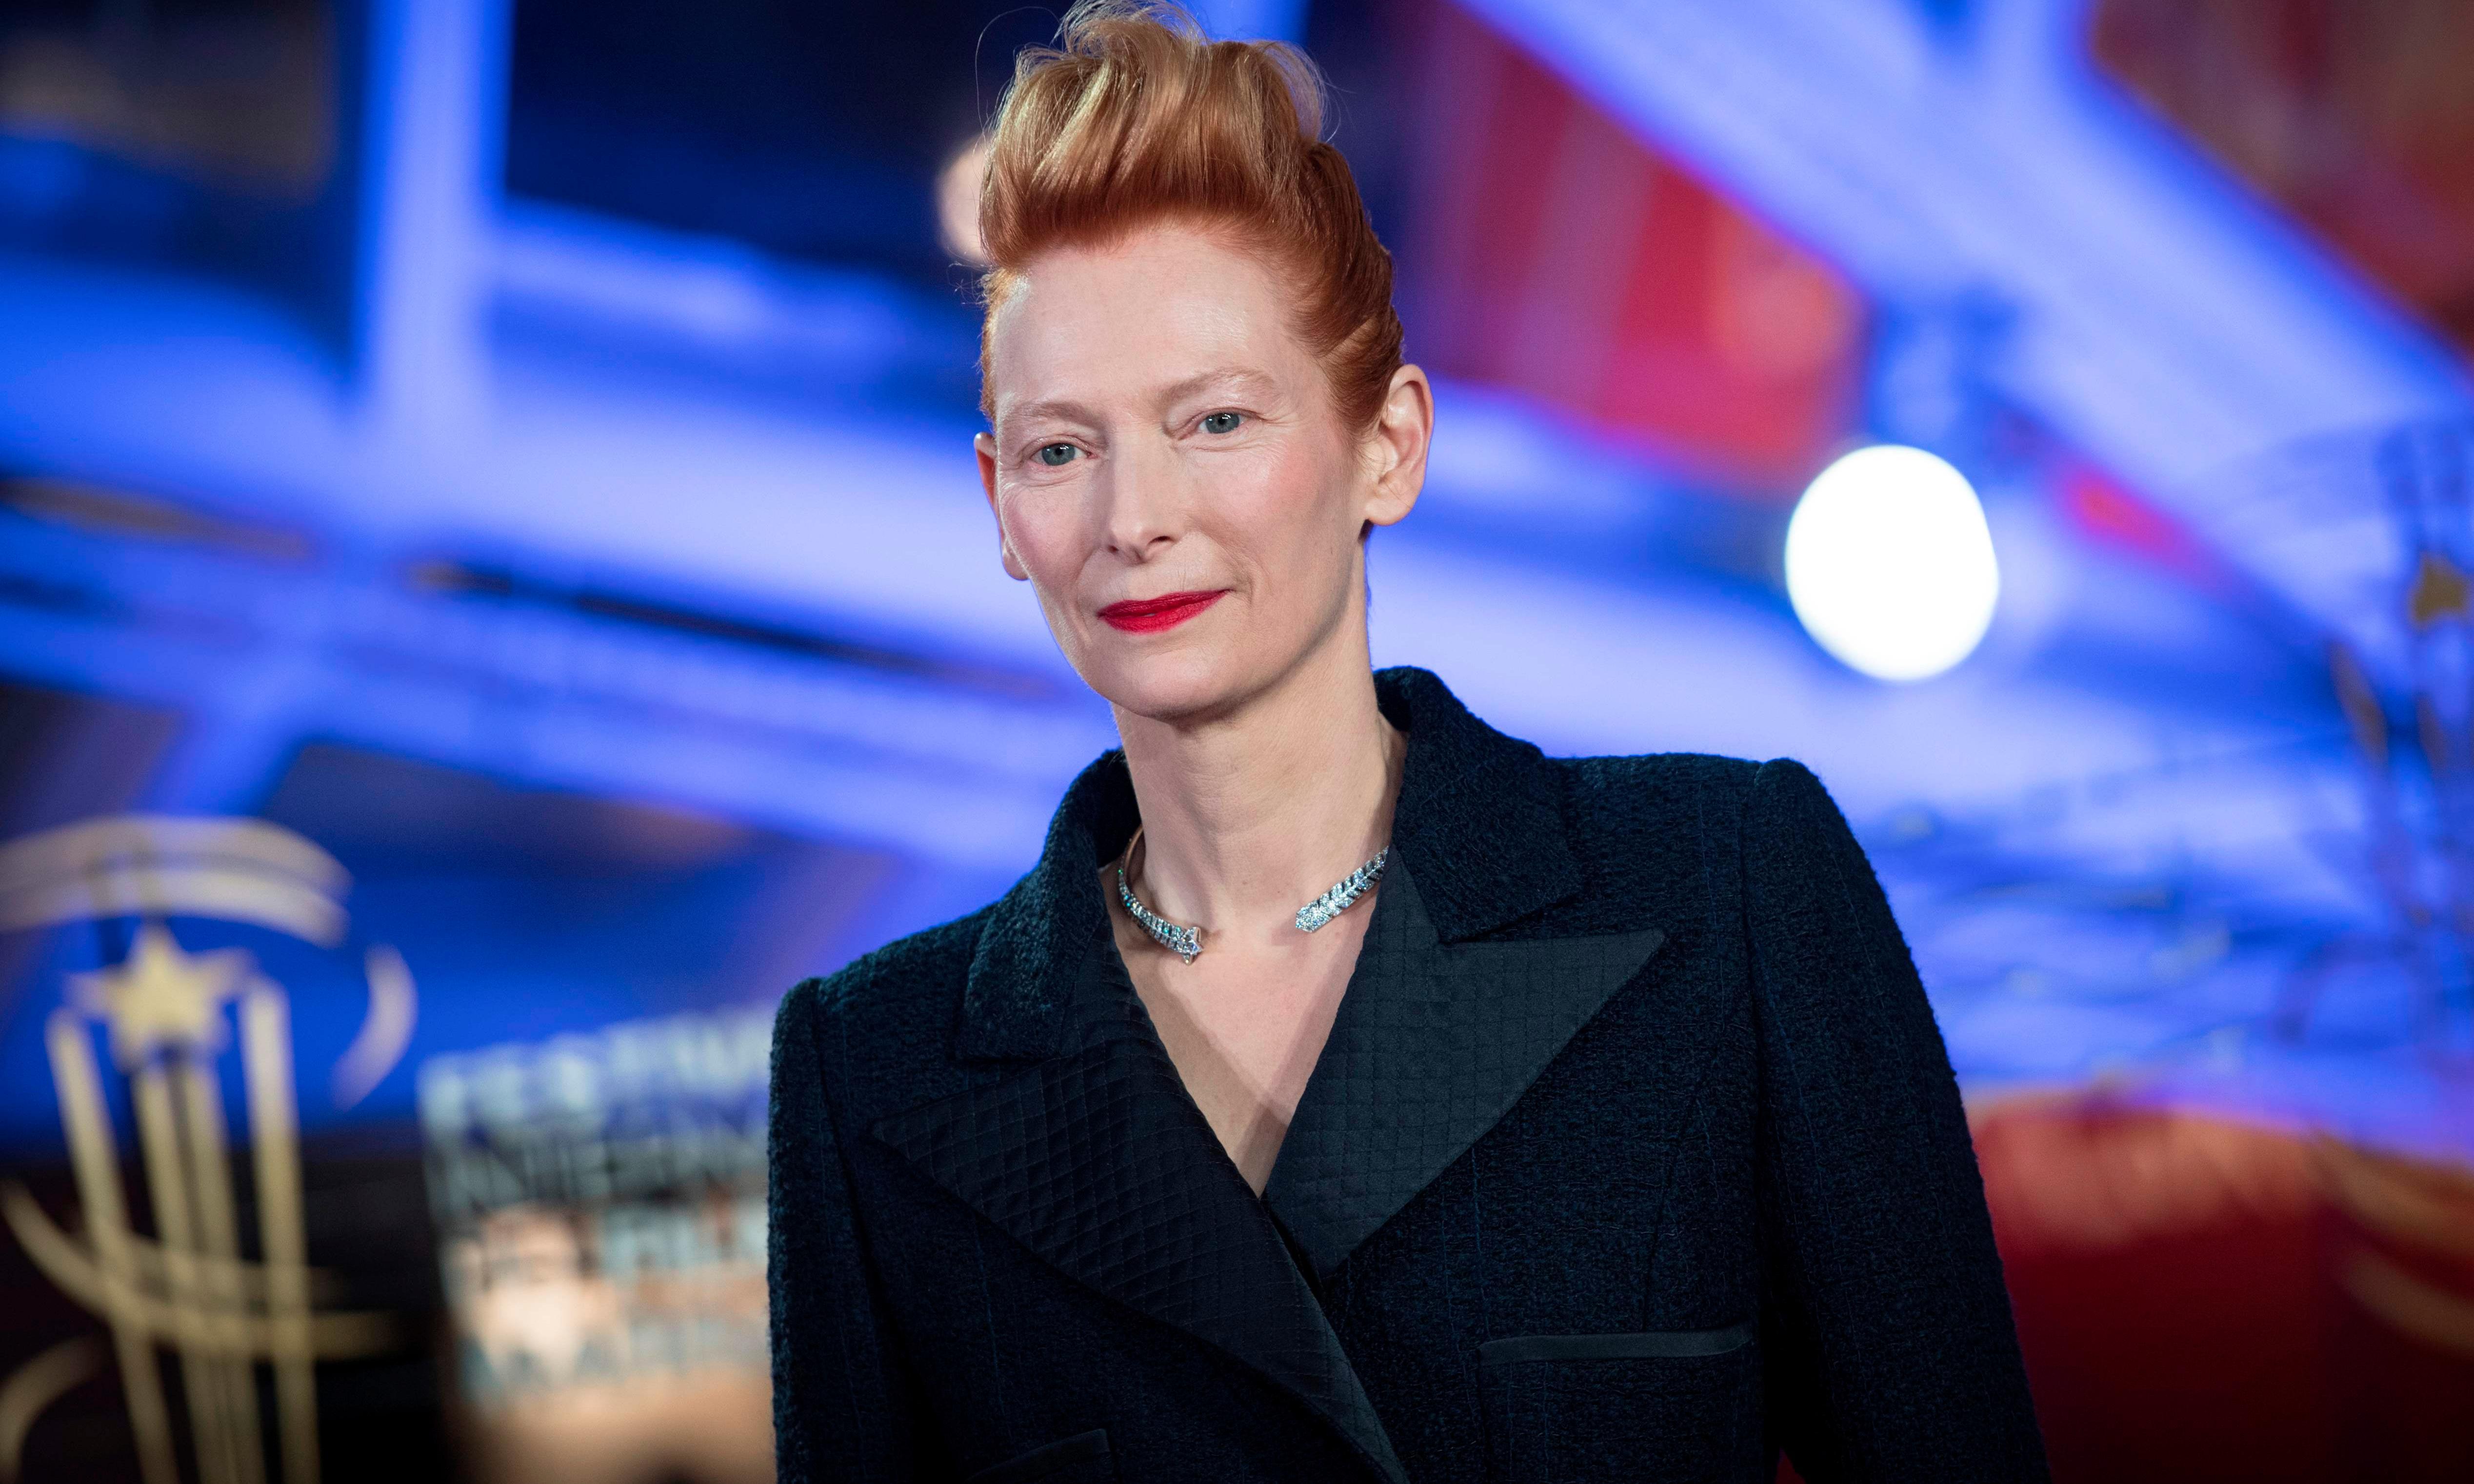 'Daringly eclectic': Tilda Swinton to receive BFI fellowship